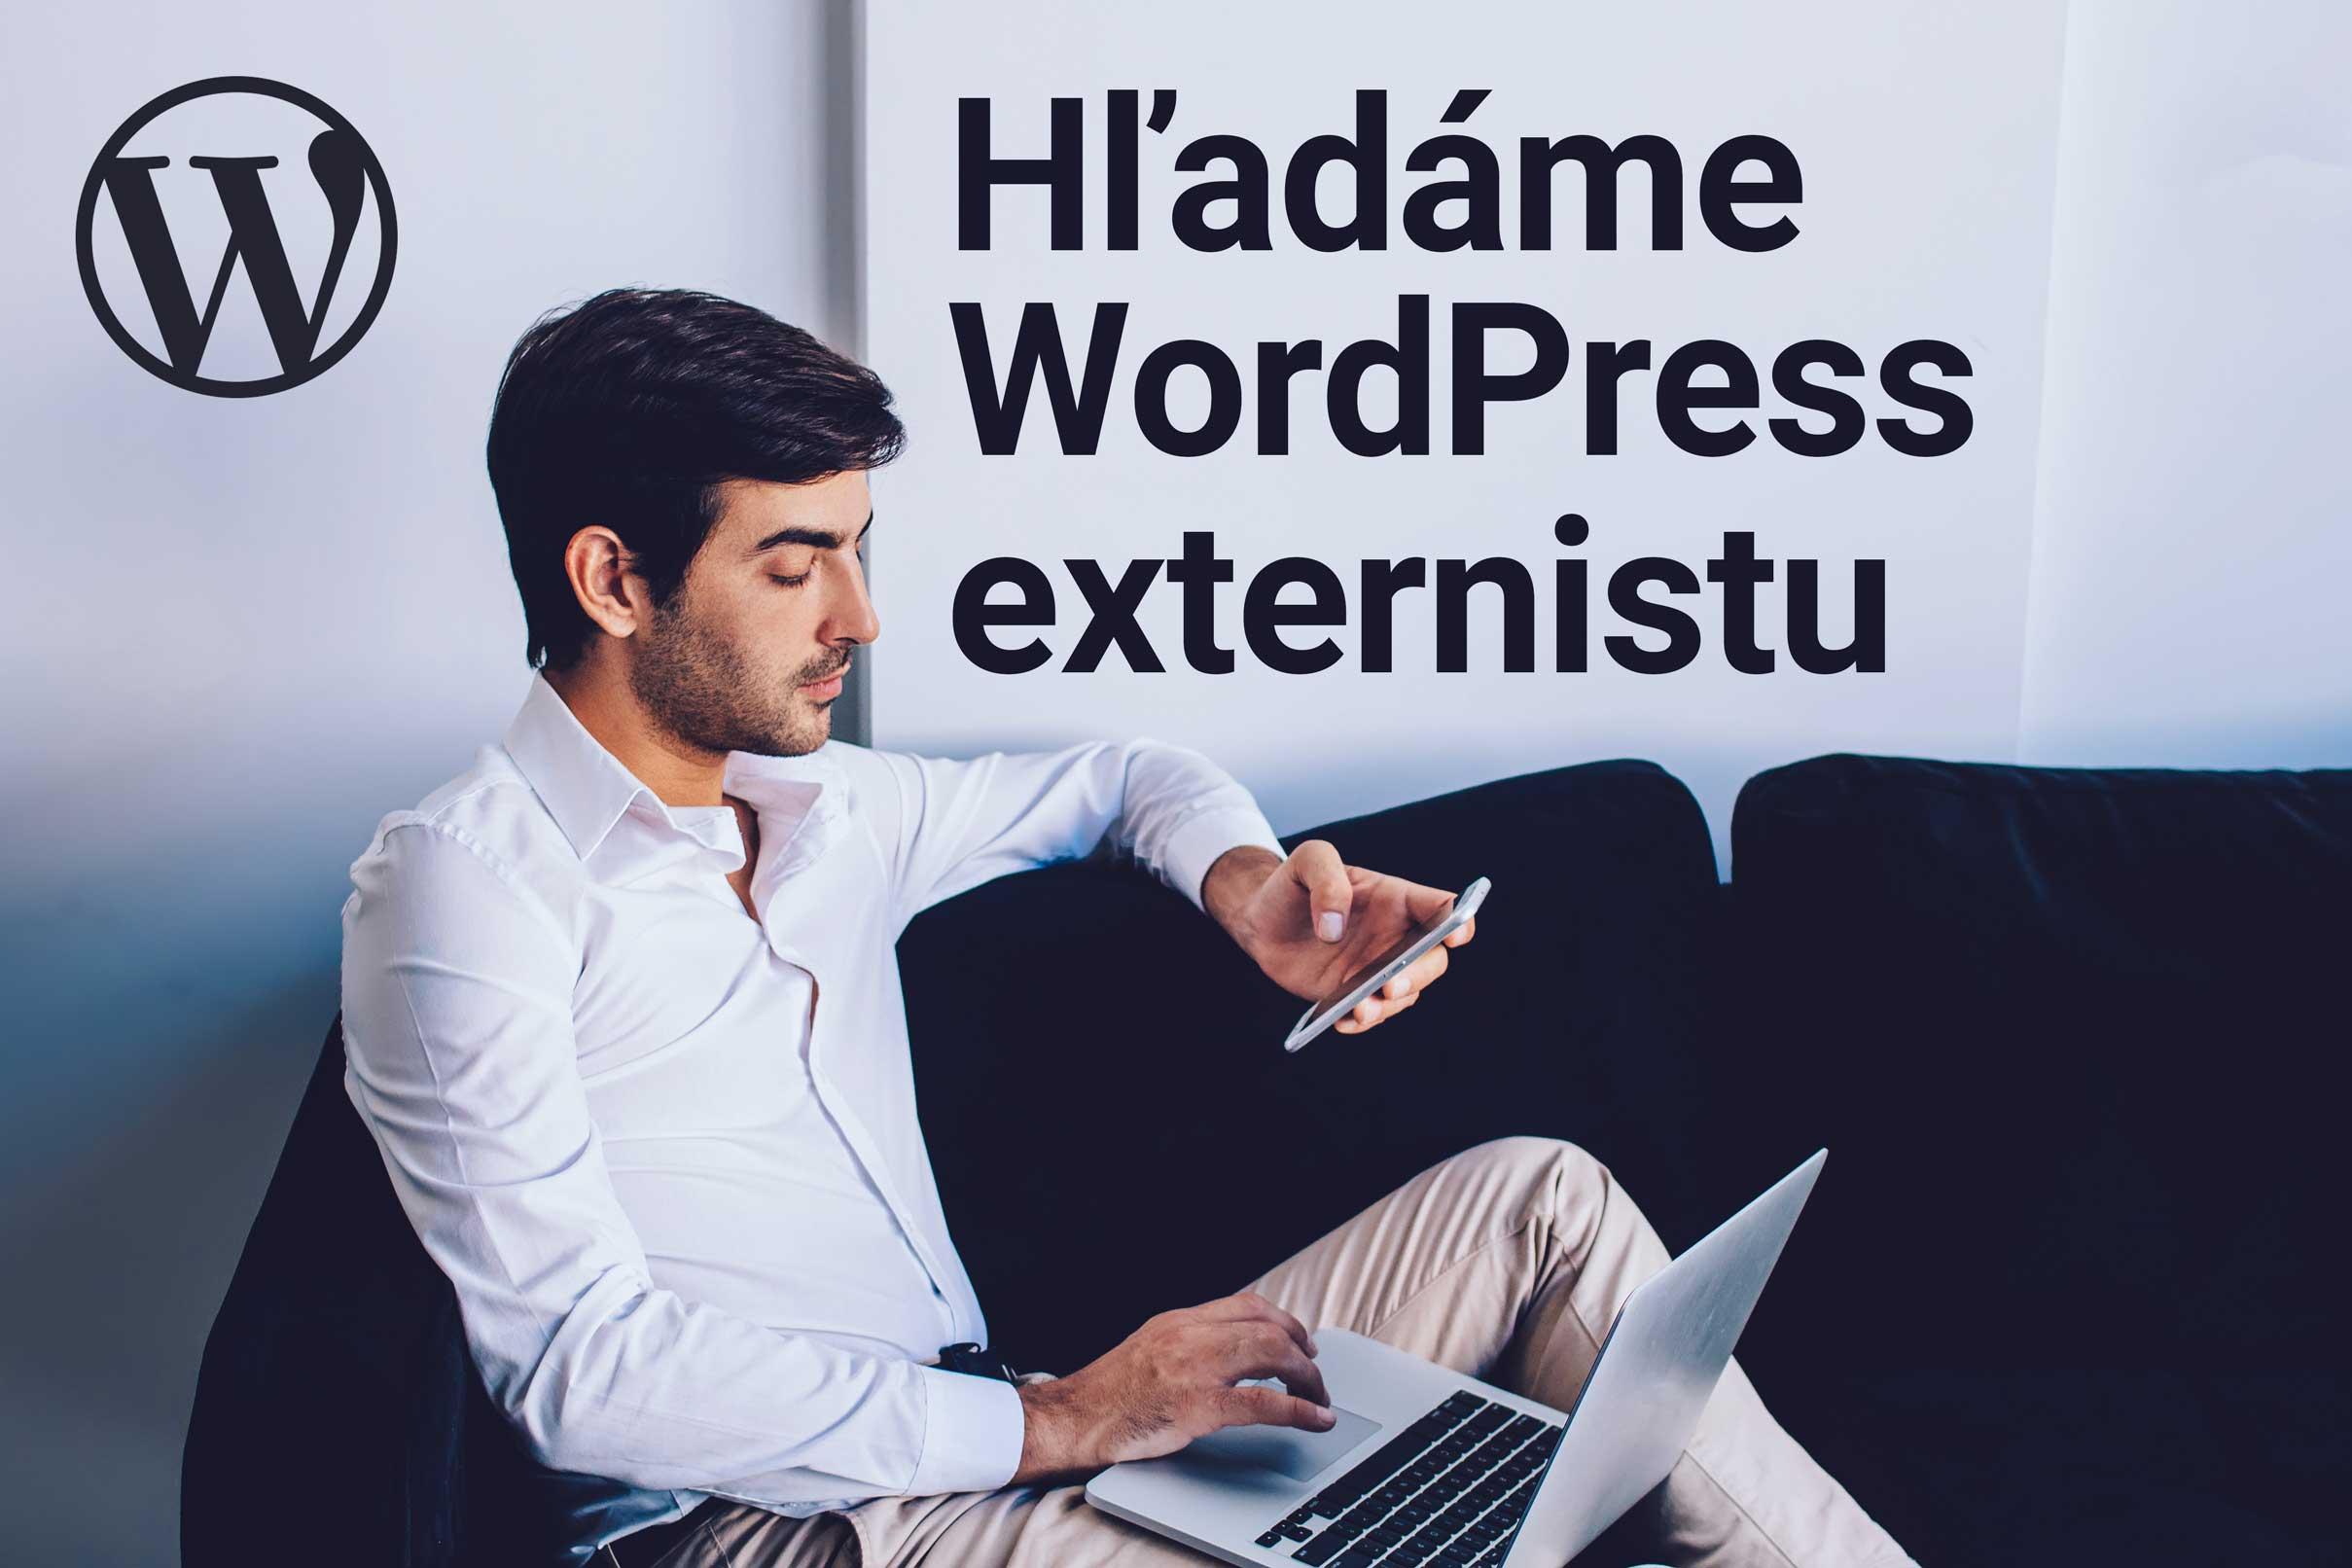 Ponuka práce – Hľadáme externého Wordpressáka